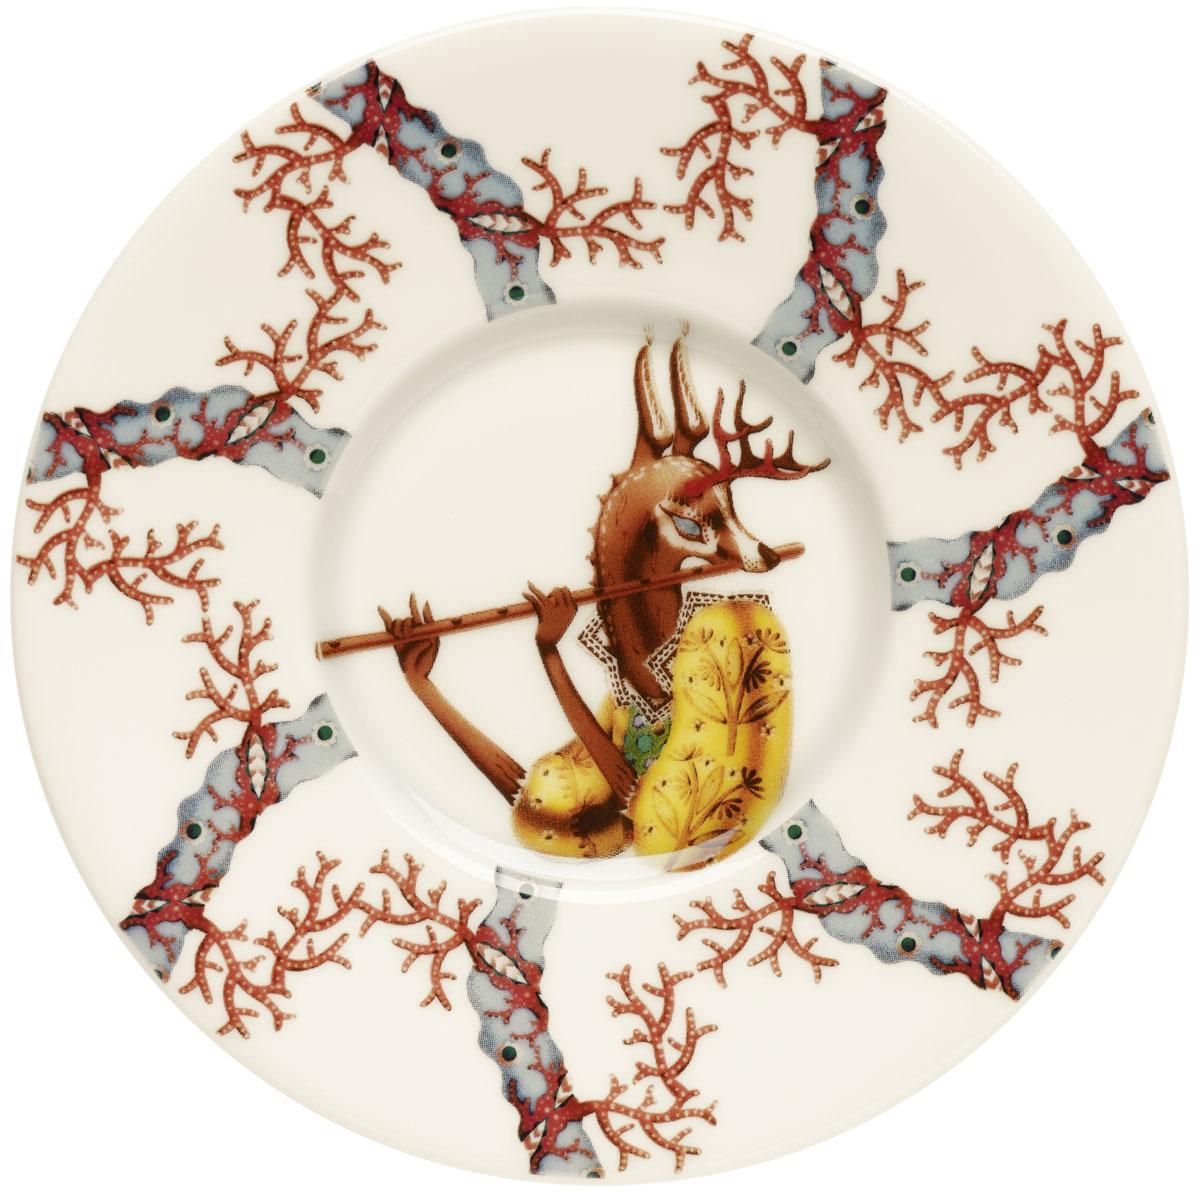 Блюдце Iittala Tanssi, диаметр 15 см1015527Блюдце Iittala Tanssi станет прекрасным украшением вашего праздничного стола.Диаметр блюдца составляет 15 см.Блюдце выполнено из качественного фарфора.